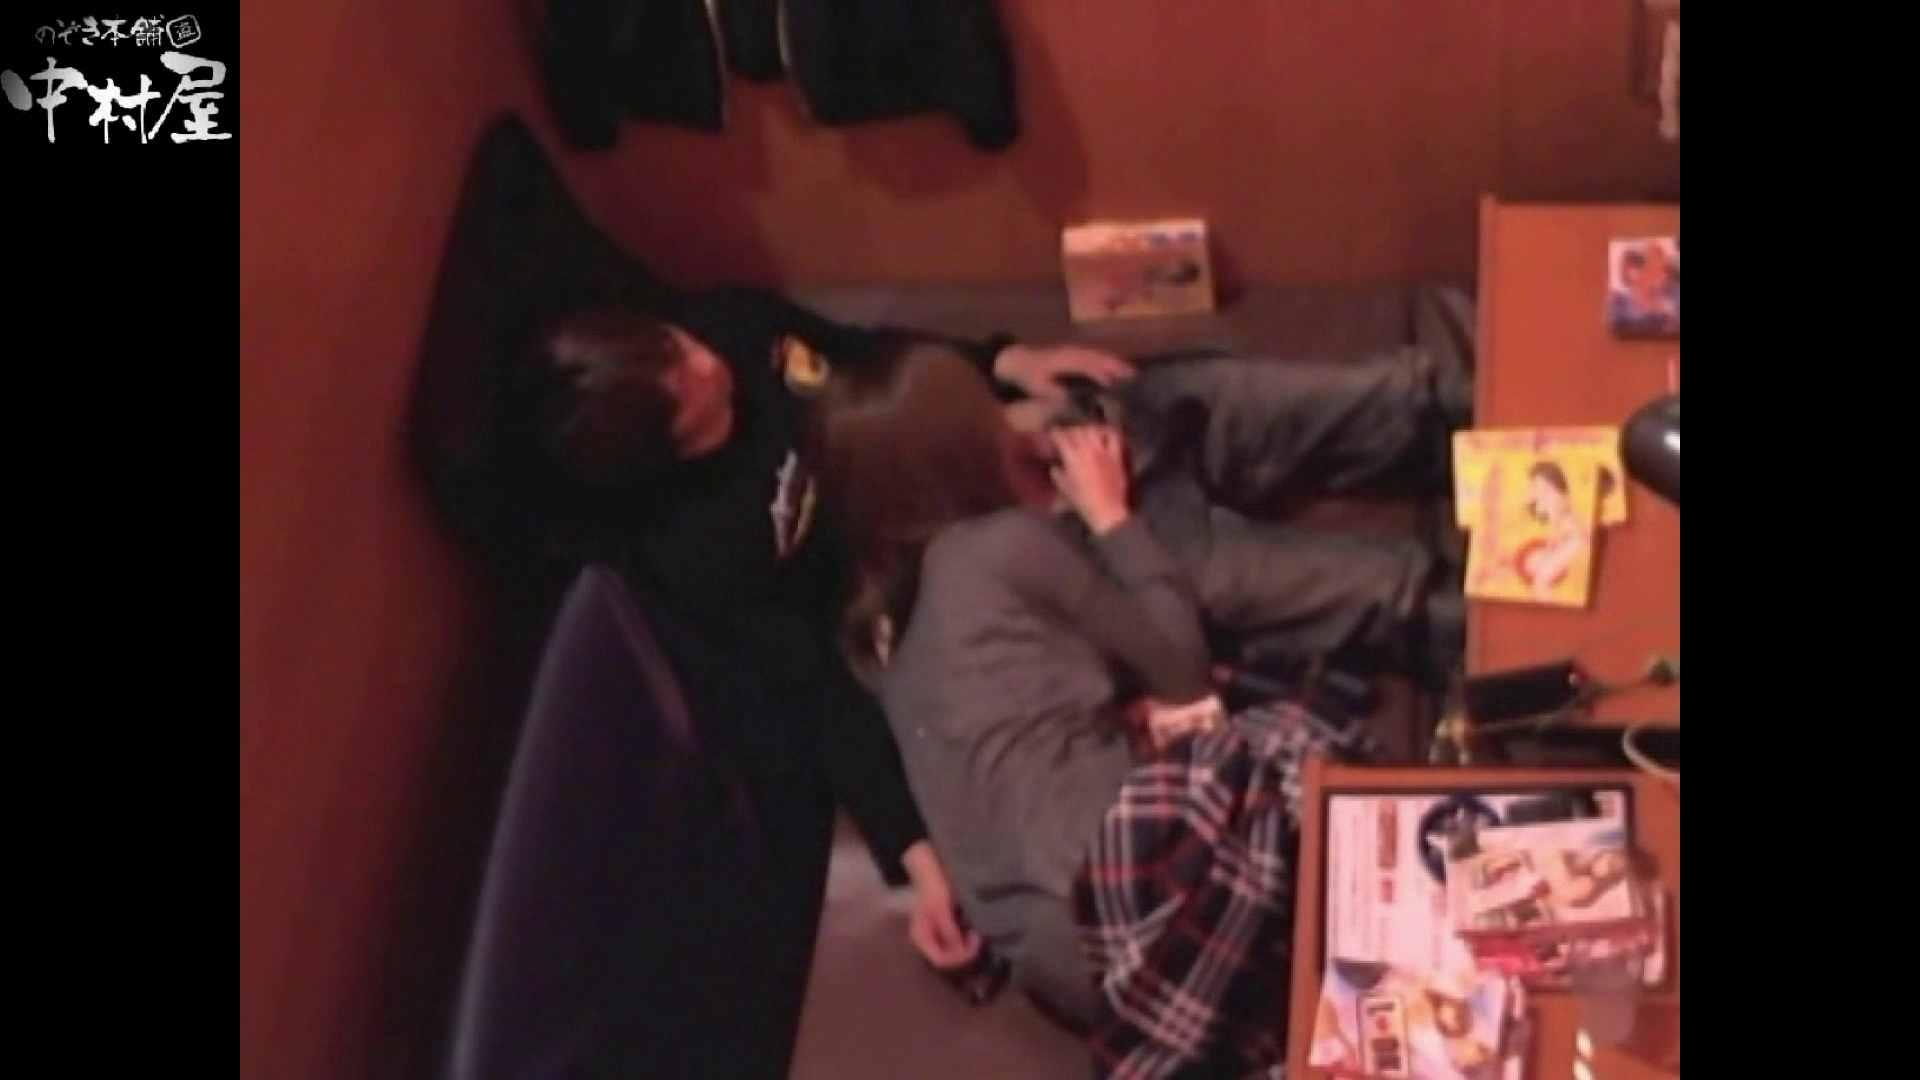 ネットカフェ盗撮師トロントさんの 素人カップル盗撮記vol.2 おっぱい ヌード画像 76PIX 40